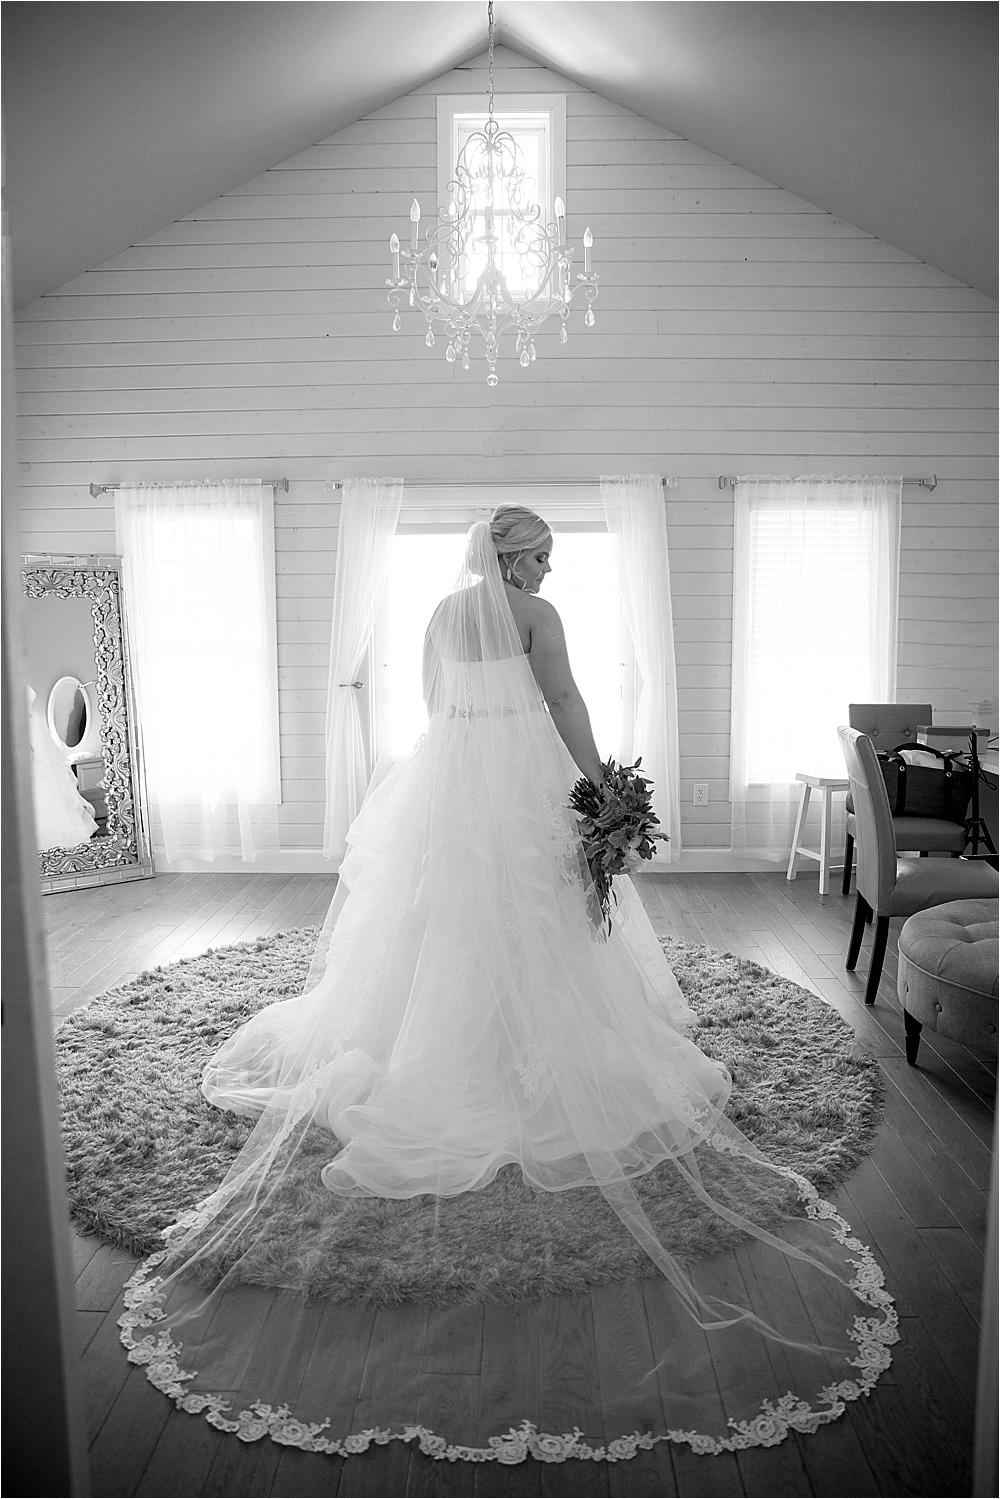 Chrissy and Evan's Raccoon Creek Wedding_0012.jpg